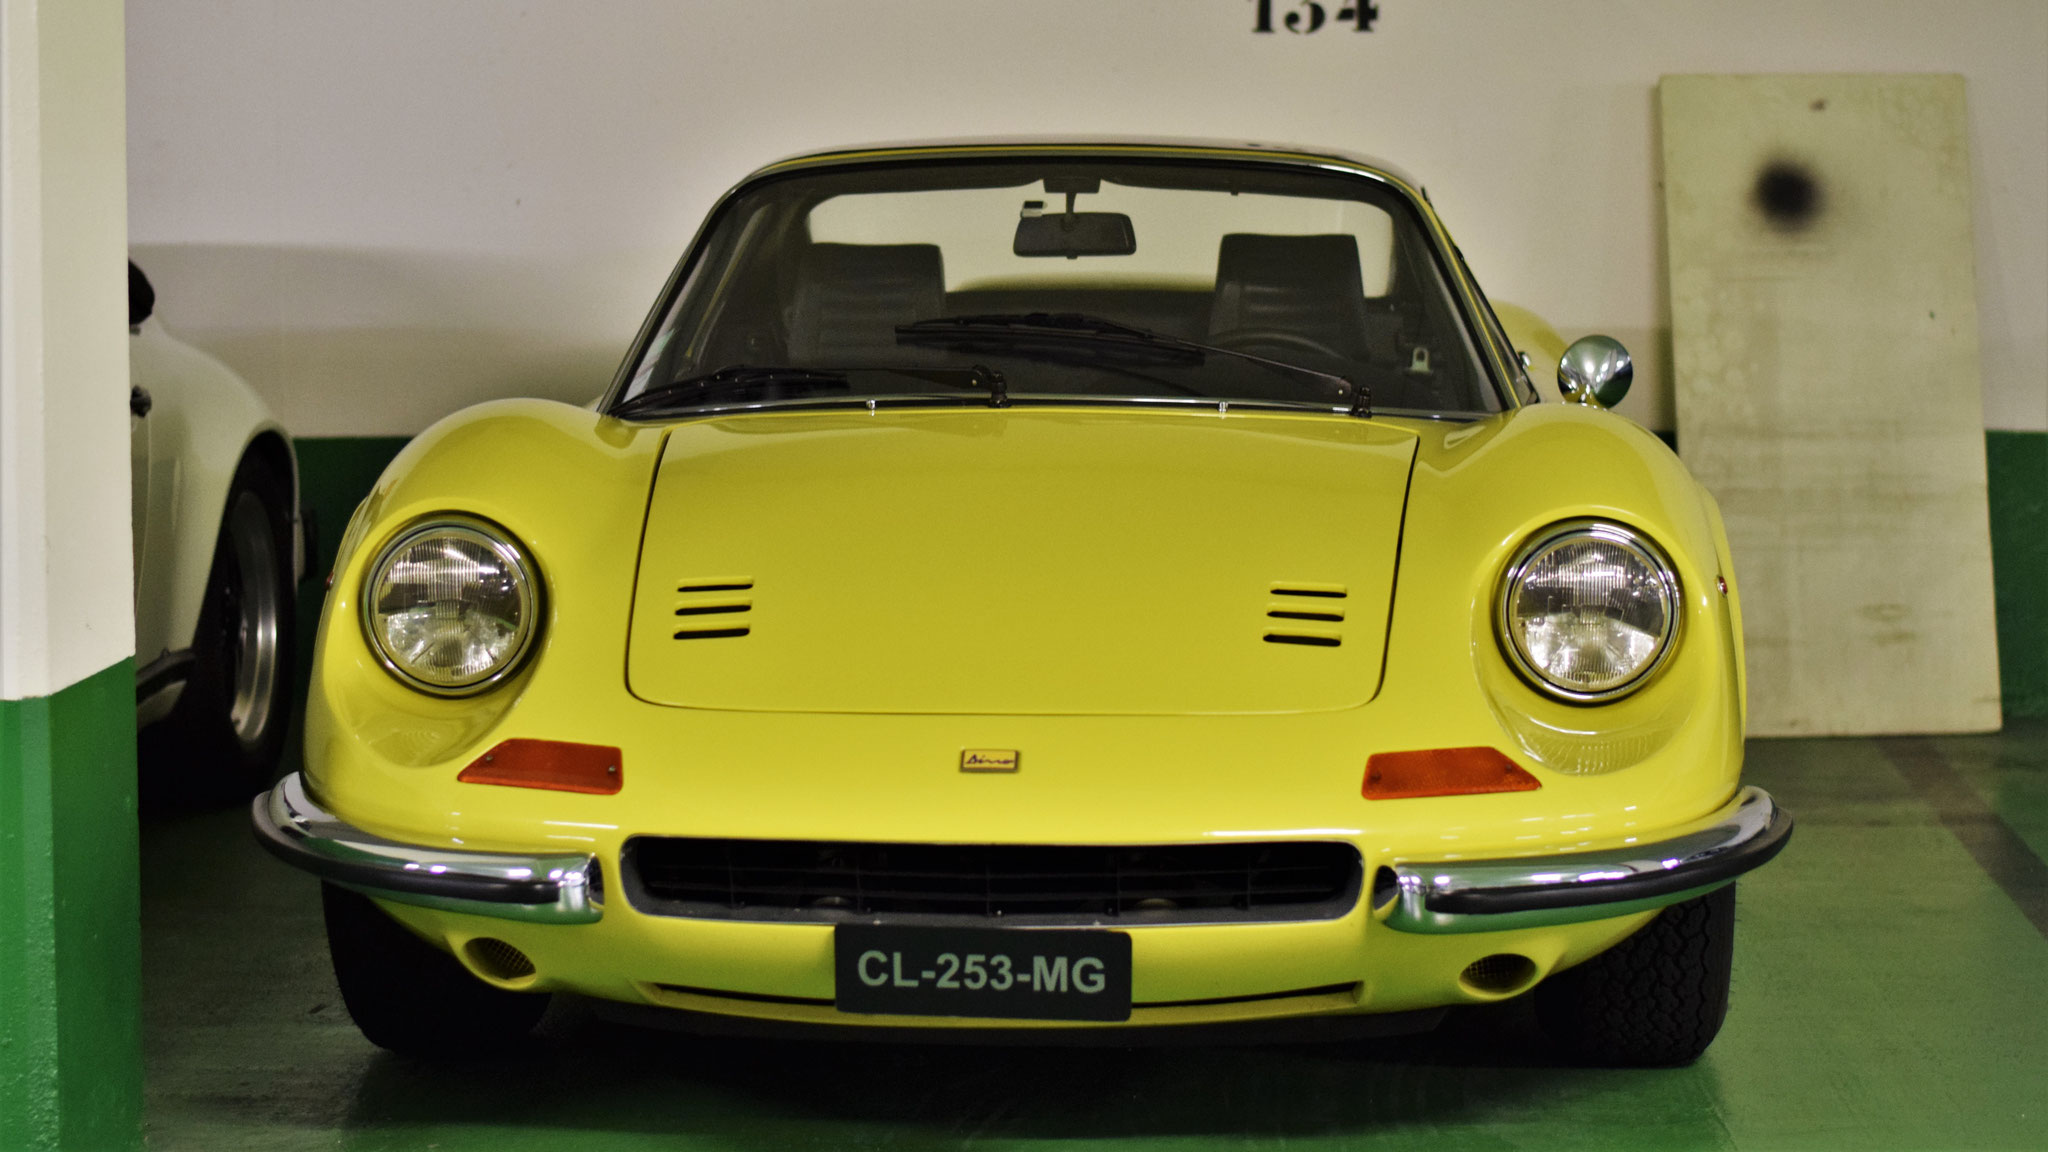 Ferrari Dino 246 - CL-253-MG (FRA)